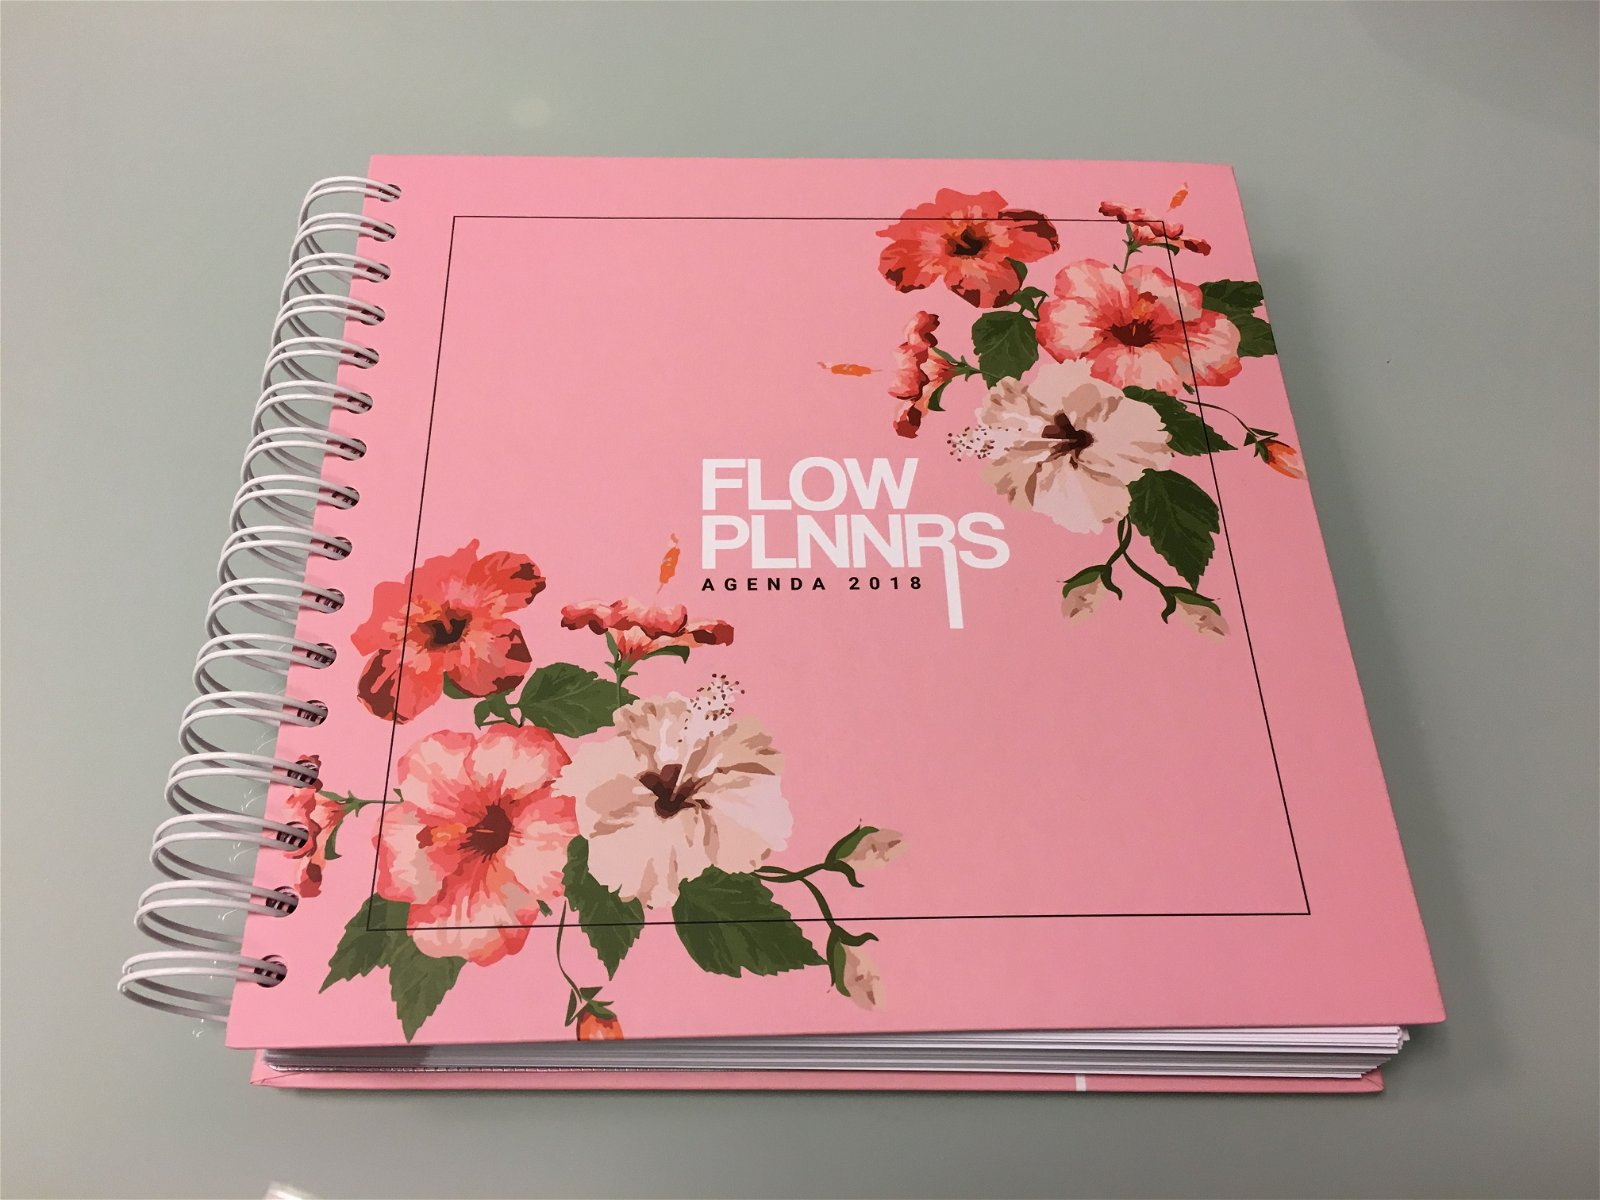 Flow Planners Agenda 2018 ontworpen door Marloes de Jong.